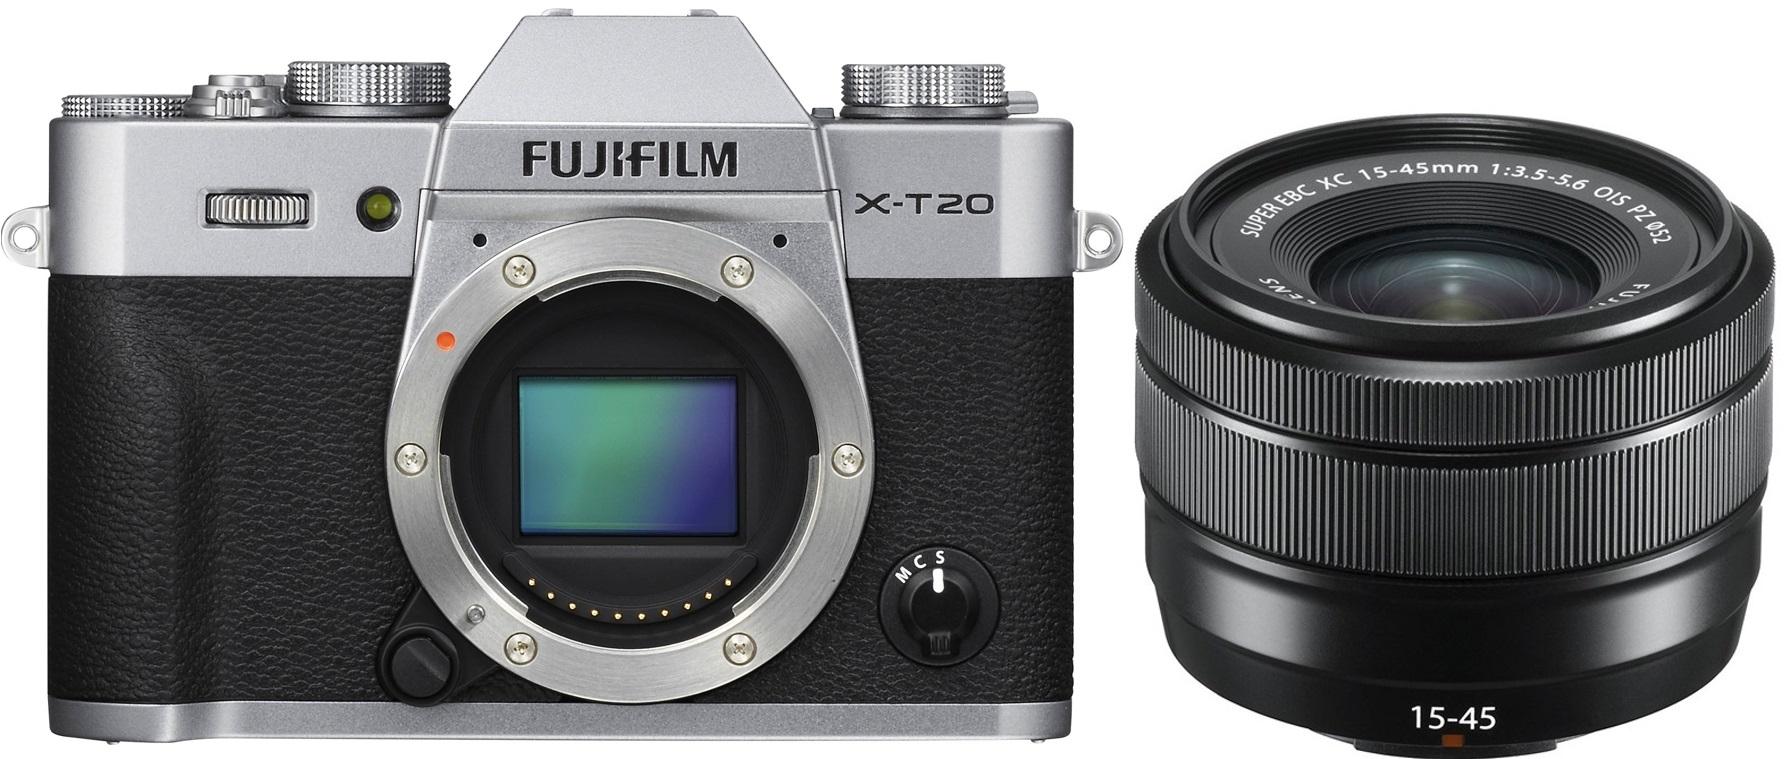 FUJIFILM X-T20 stříbrný + XC 15-45 mm